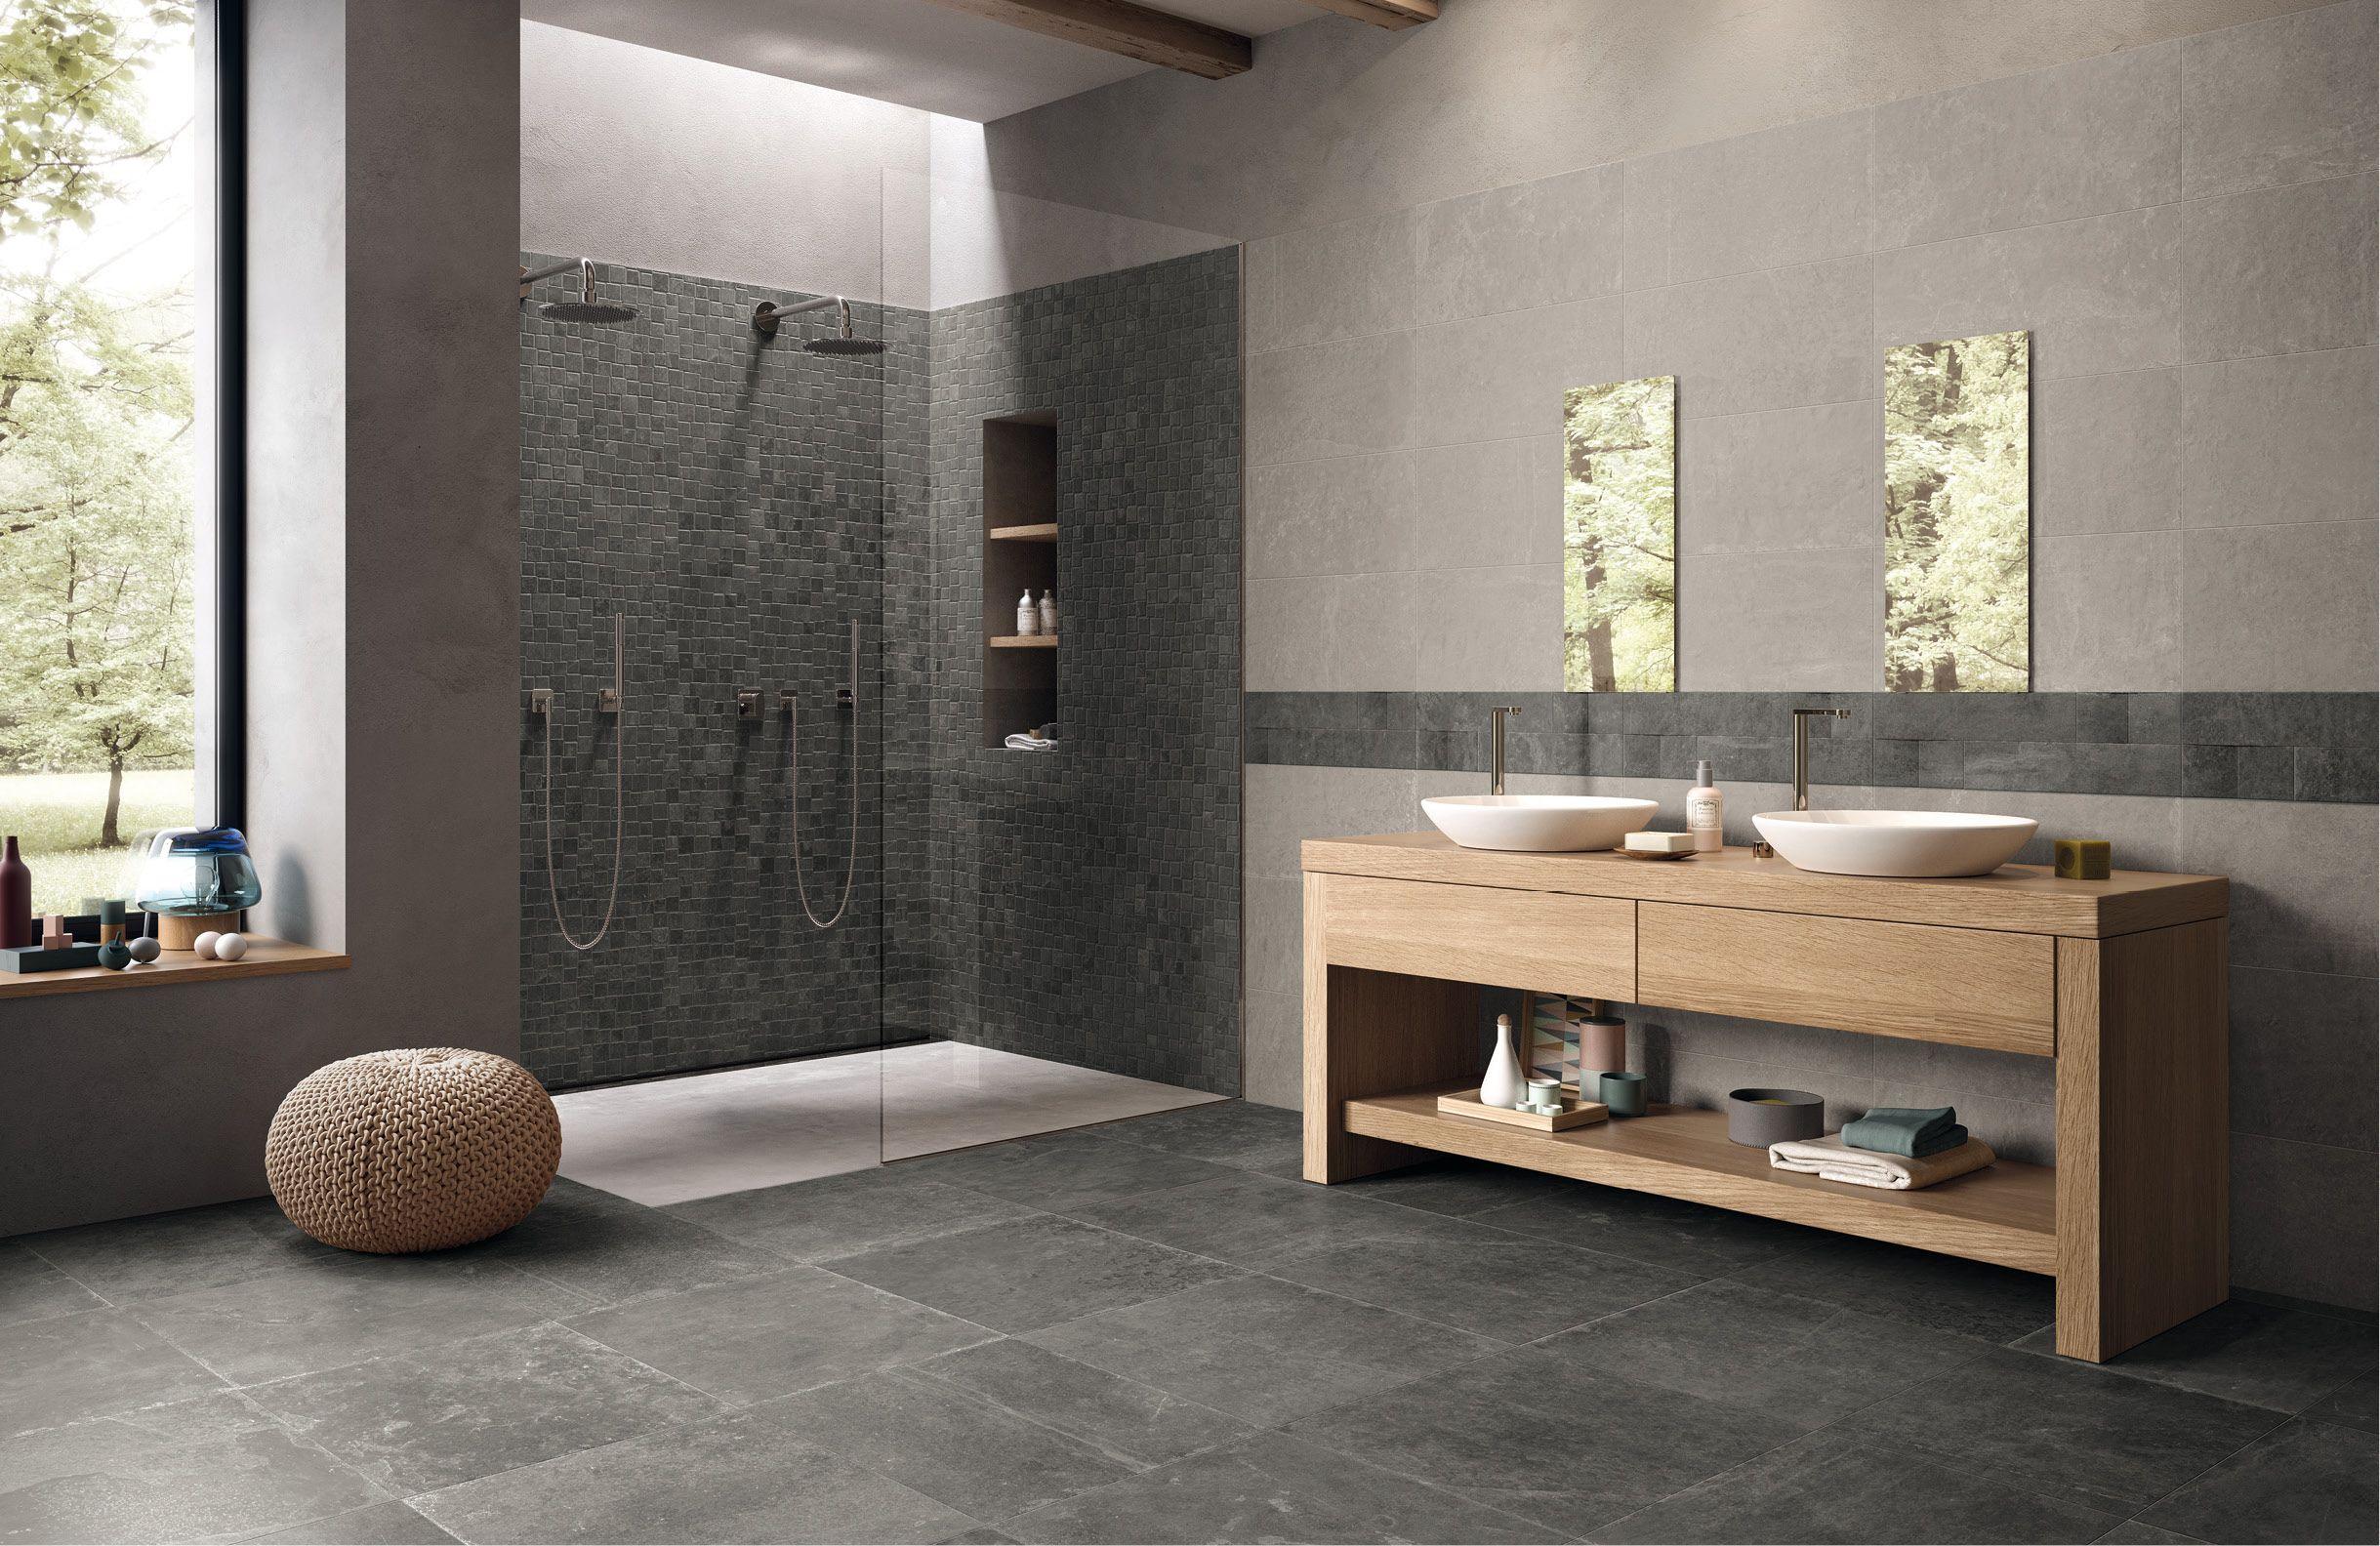 Ceramiche provenza groove carrelage salle de bain for Ceramiche piemme carrelage